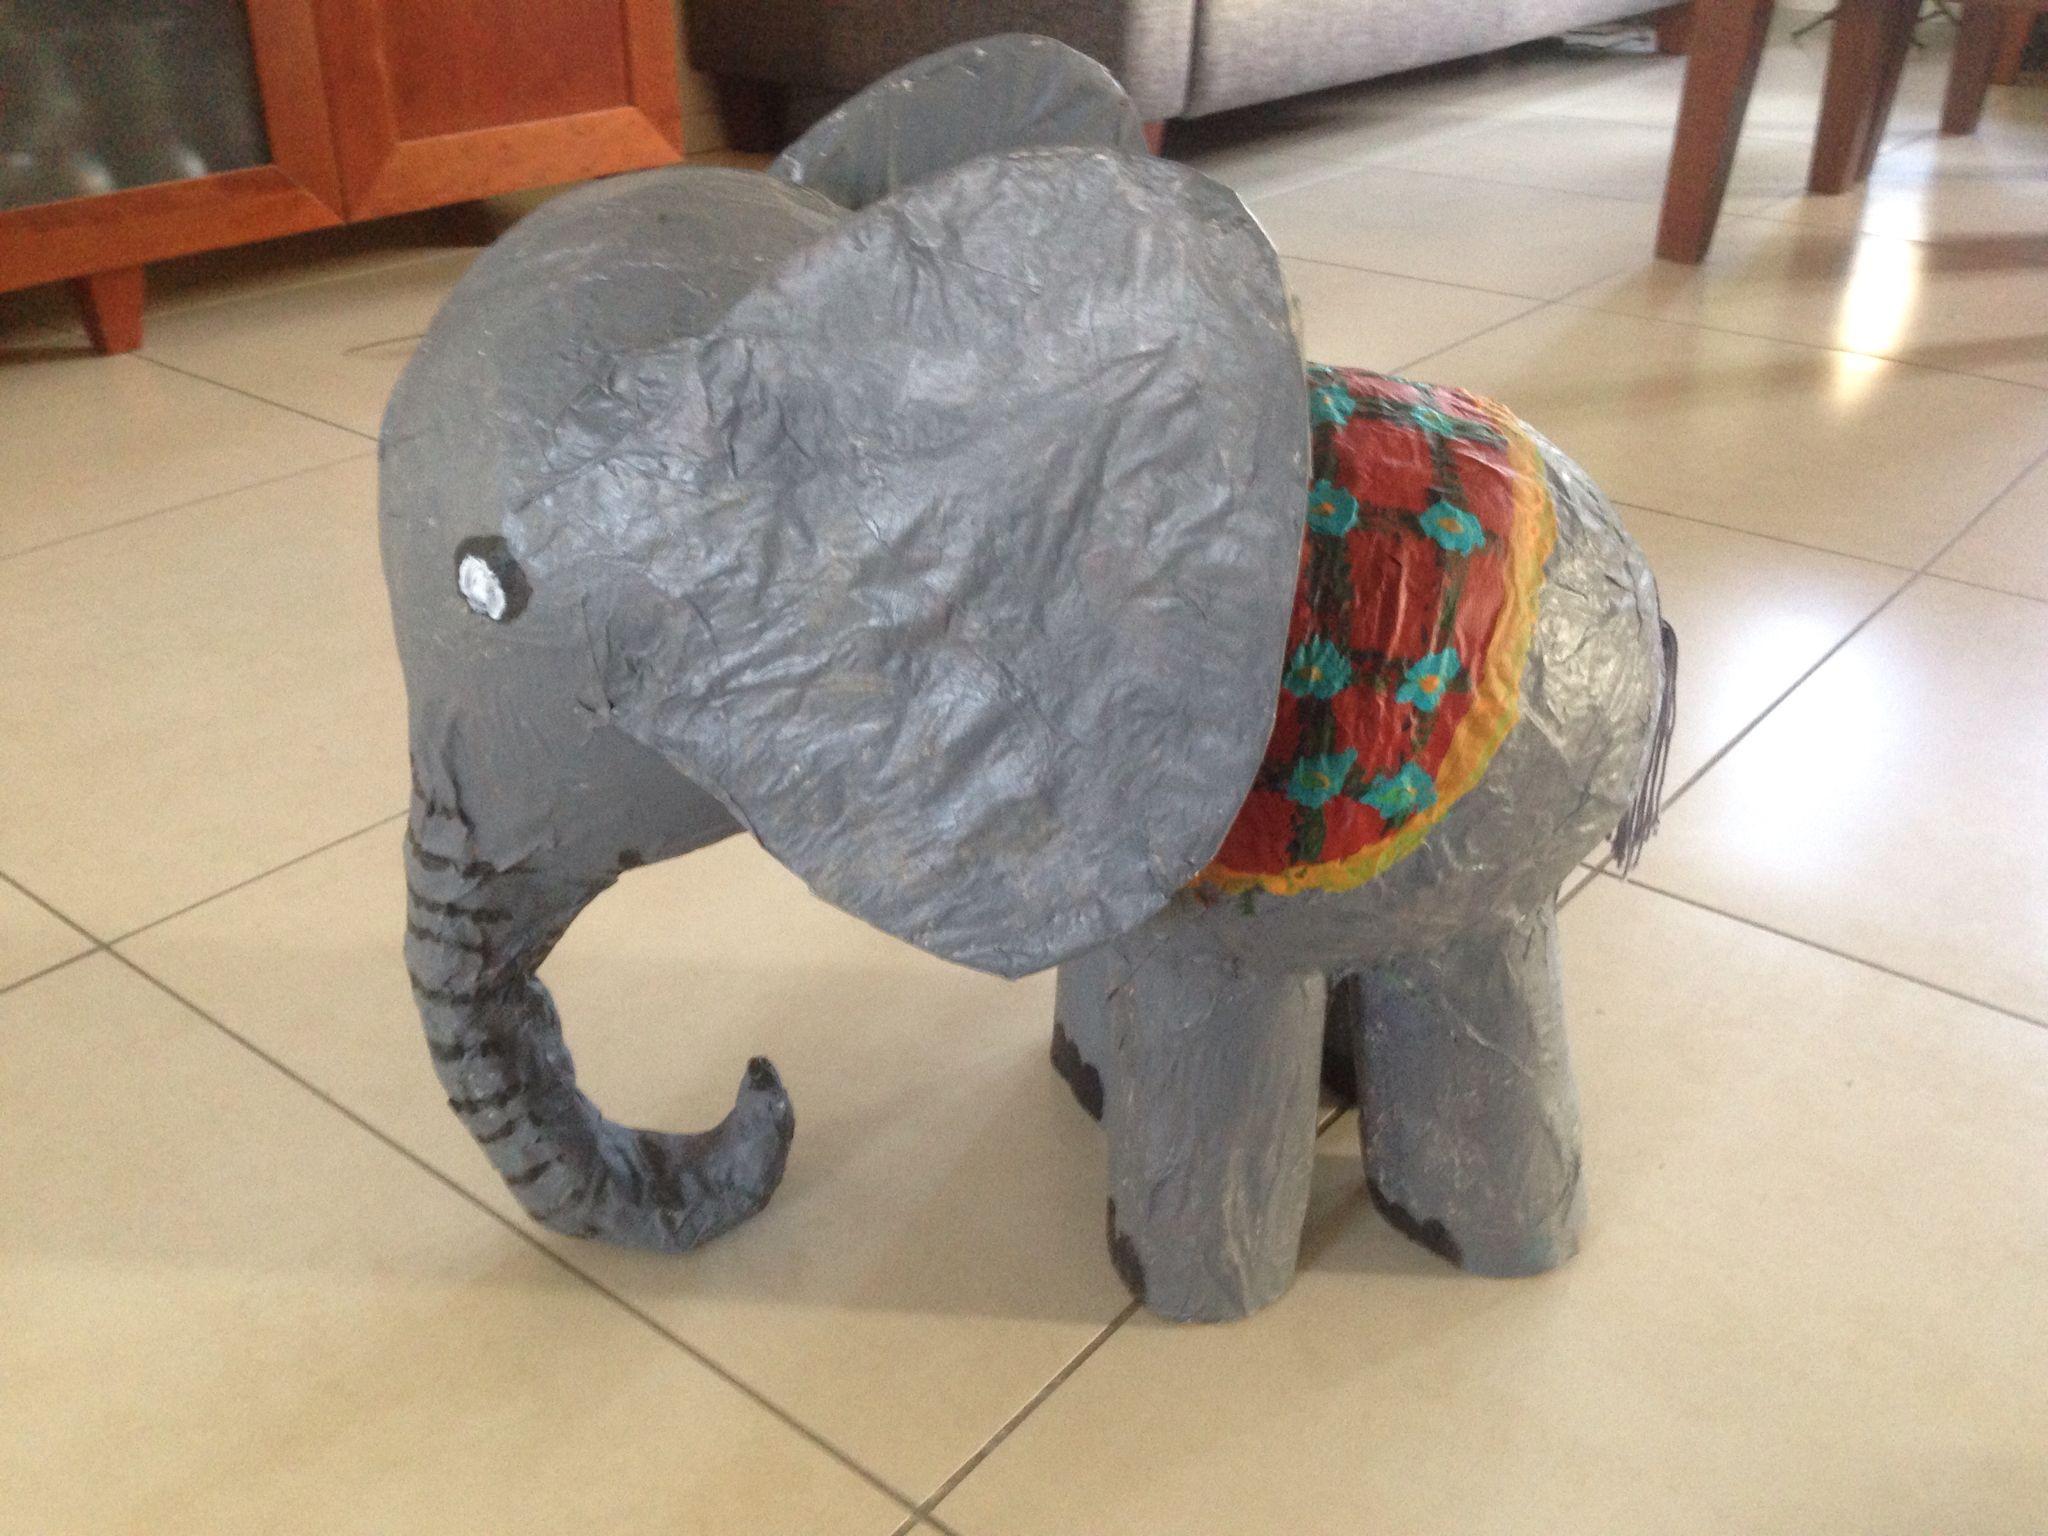 Papier Mache concernant olifant knutselen van papier mache.   knutselen   pinterest